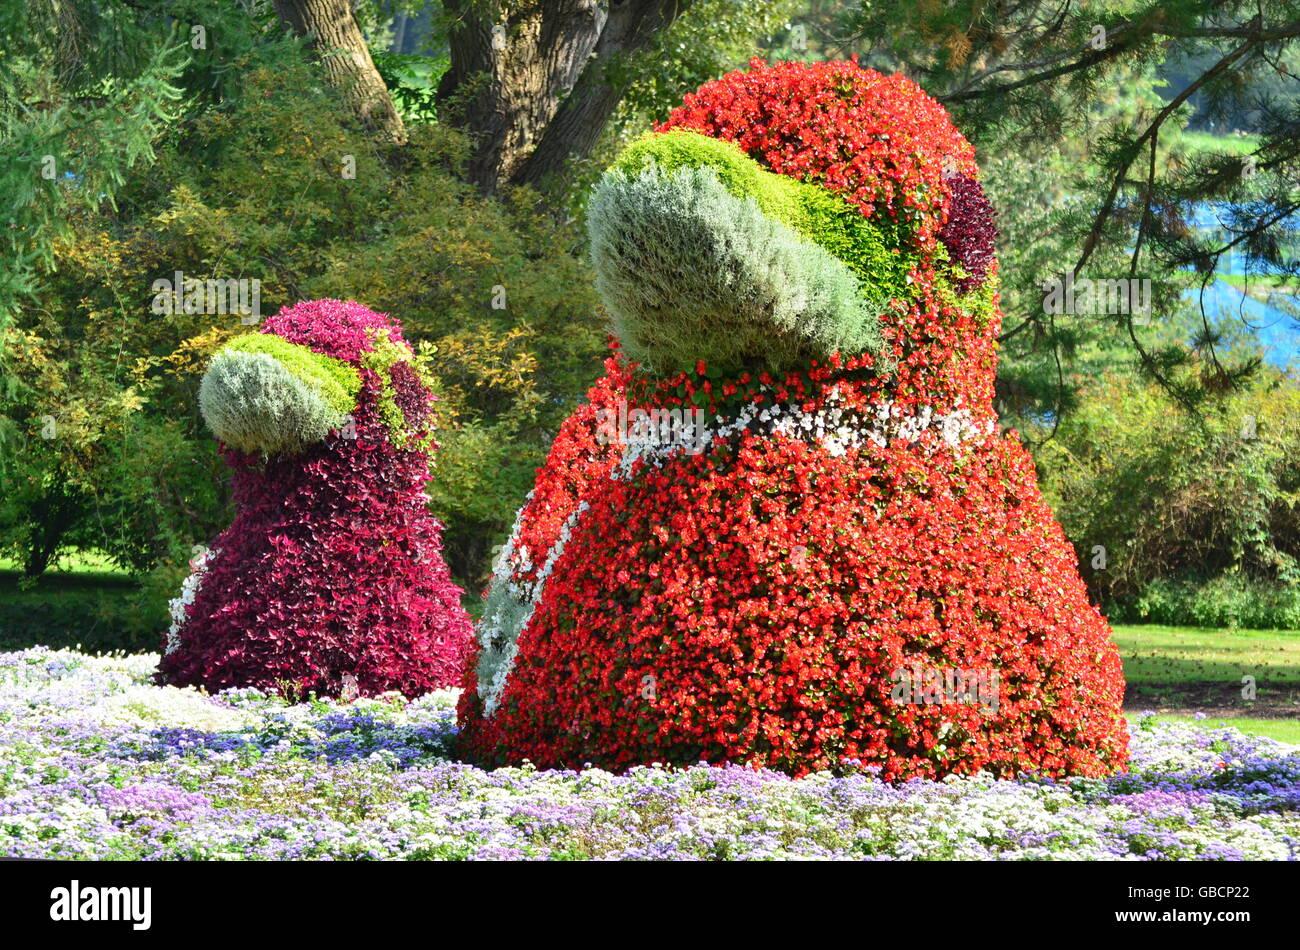 Botanik, Blumenfiguren, Insel Mainau, Bodensee - Stock Image